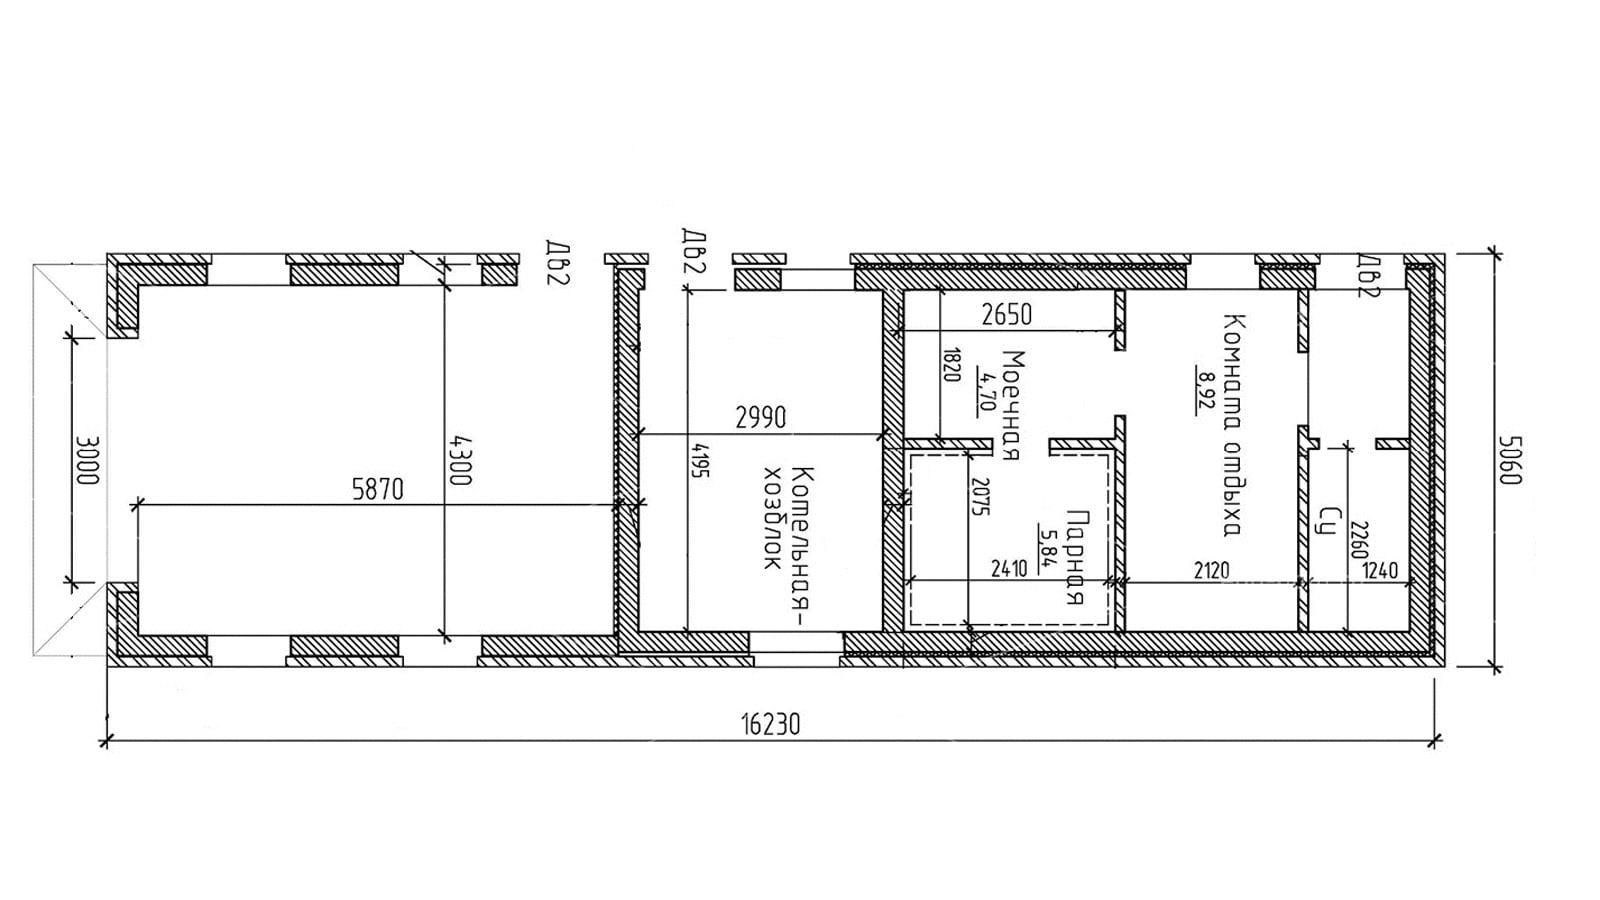 Гараж с баней под одной крышей (с сауной, хозблоком, мансардой): проекты сделанные своими руками